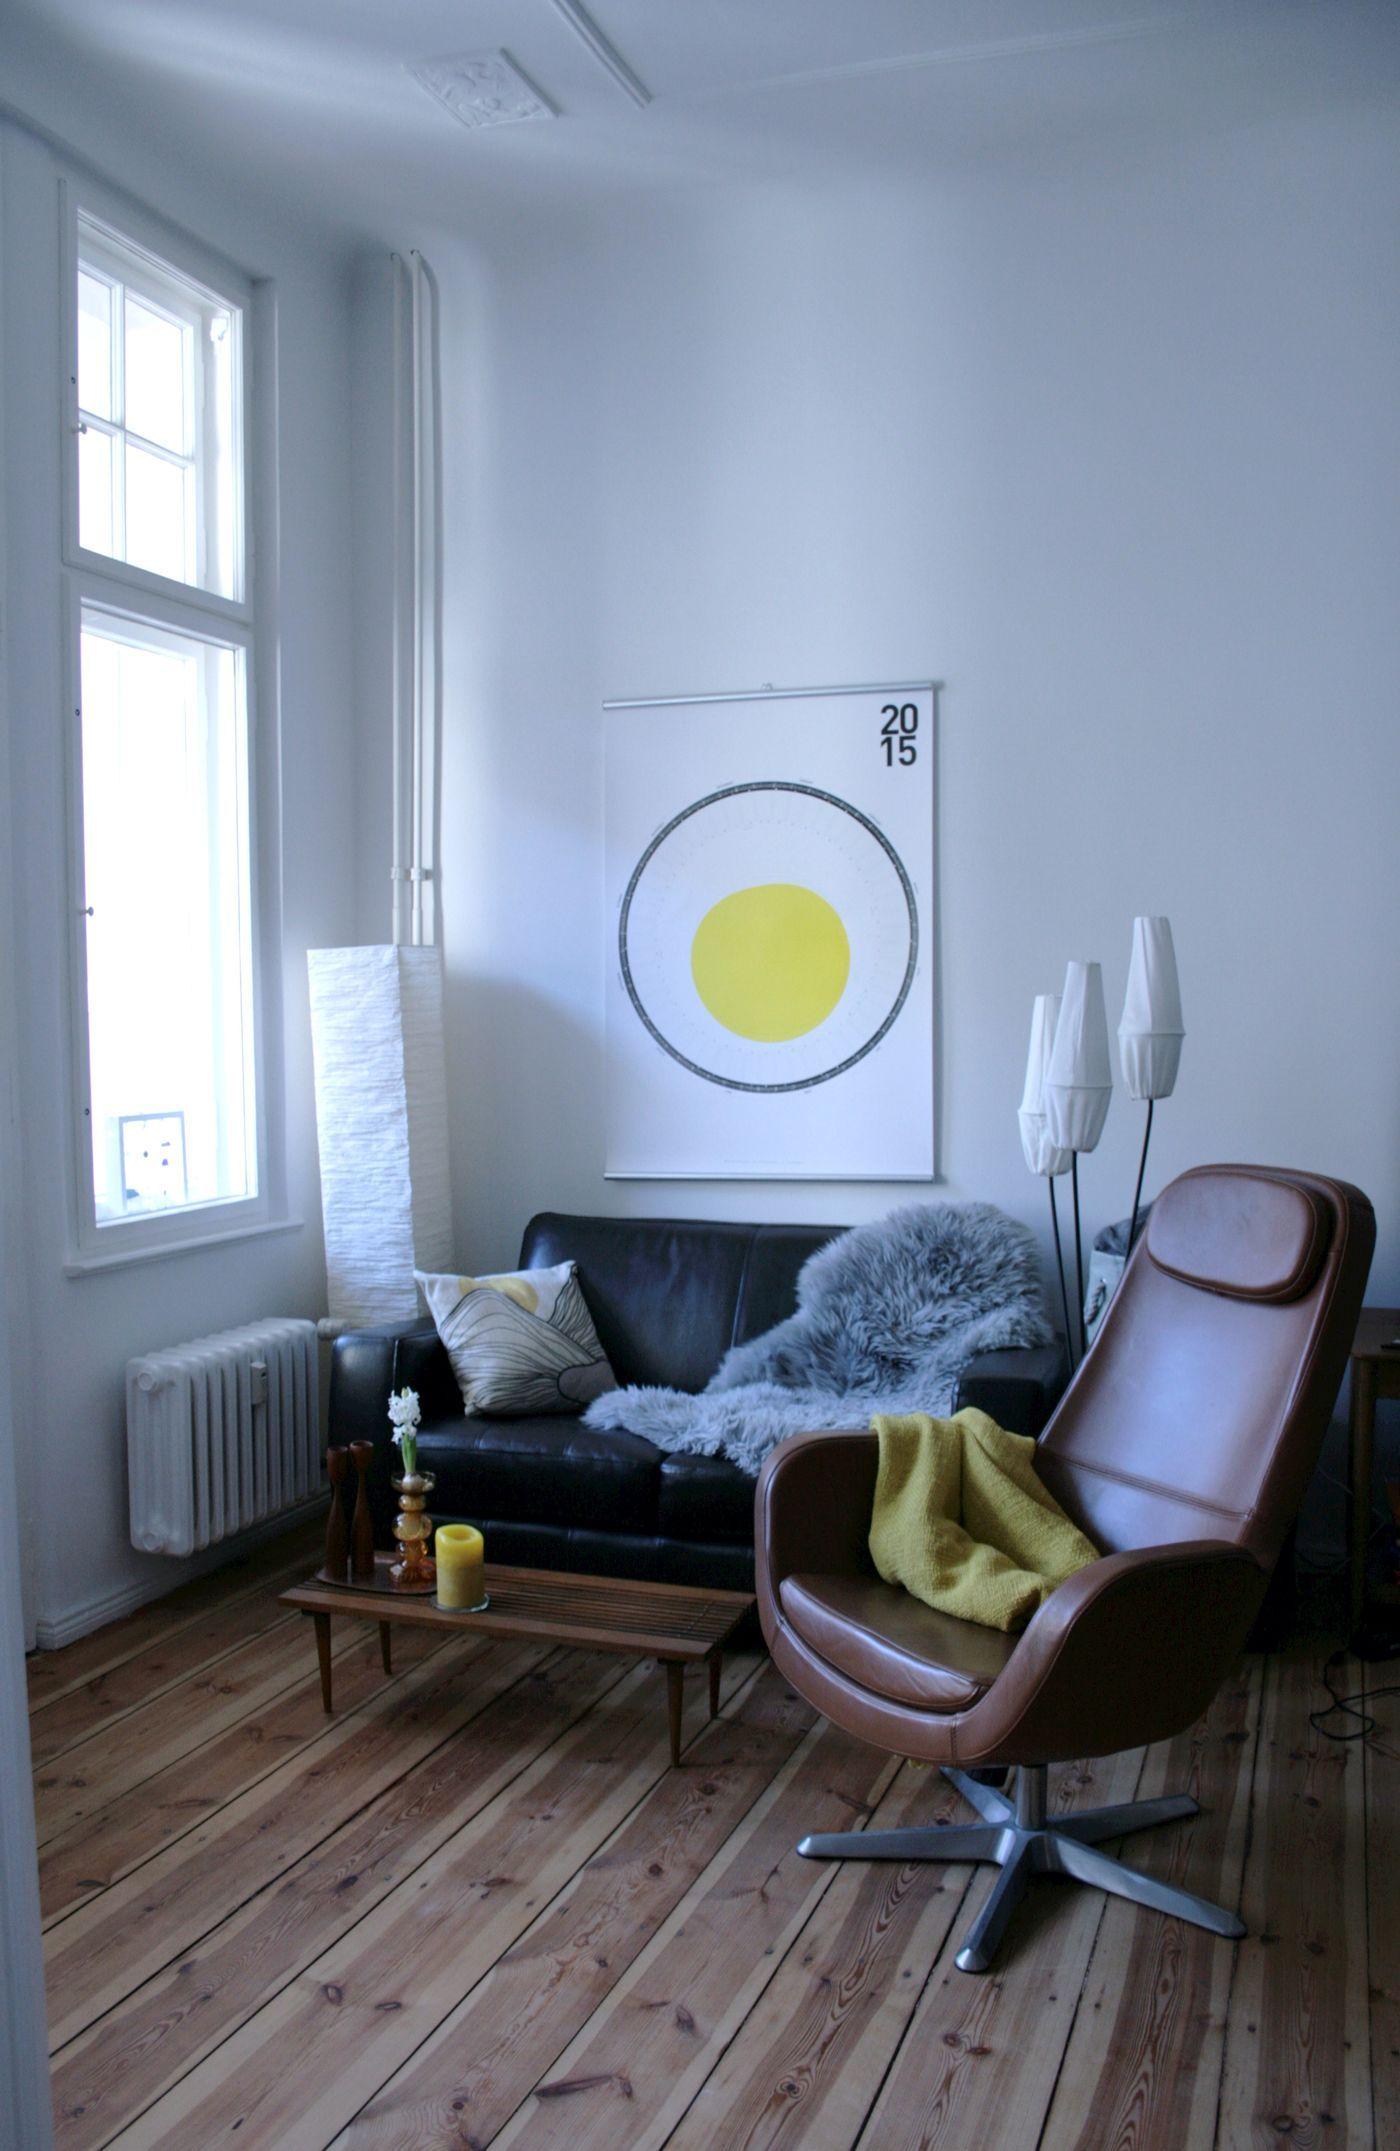 Großartig Ikea Küchenzubehör Bilder - Heimat Ideen ...